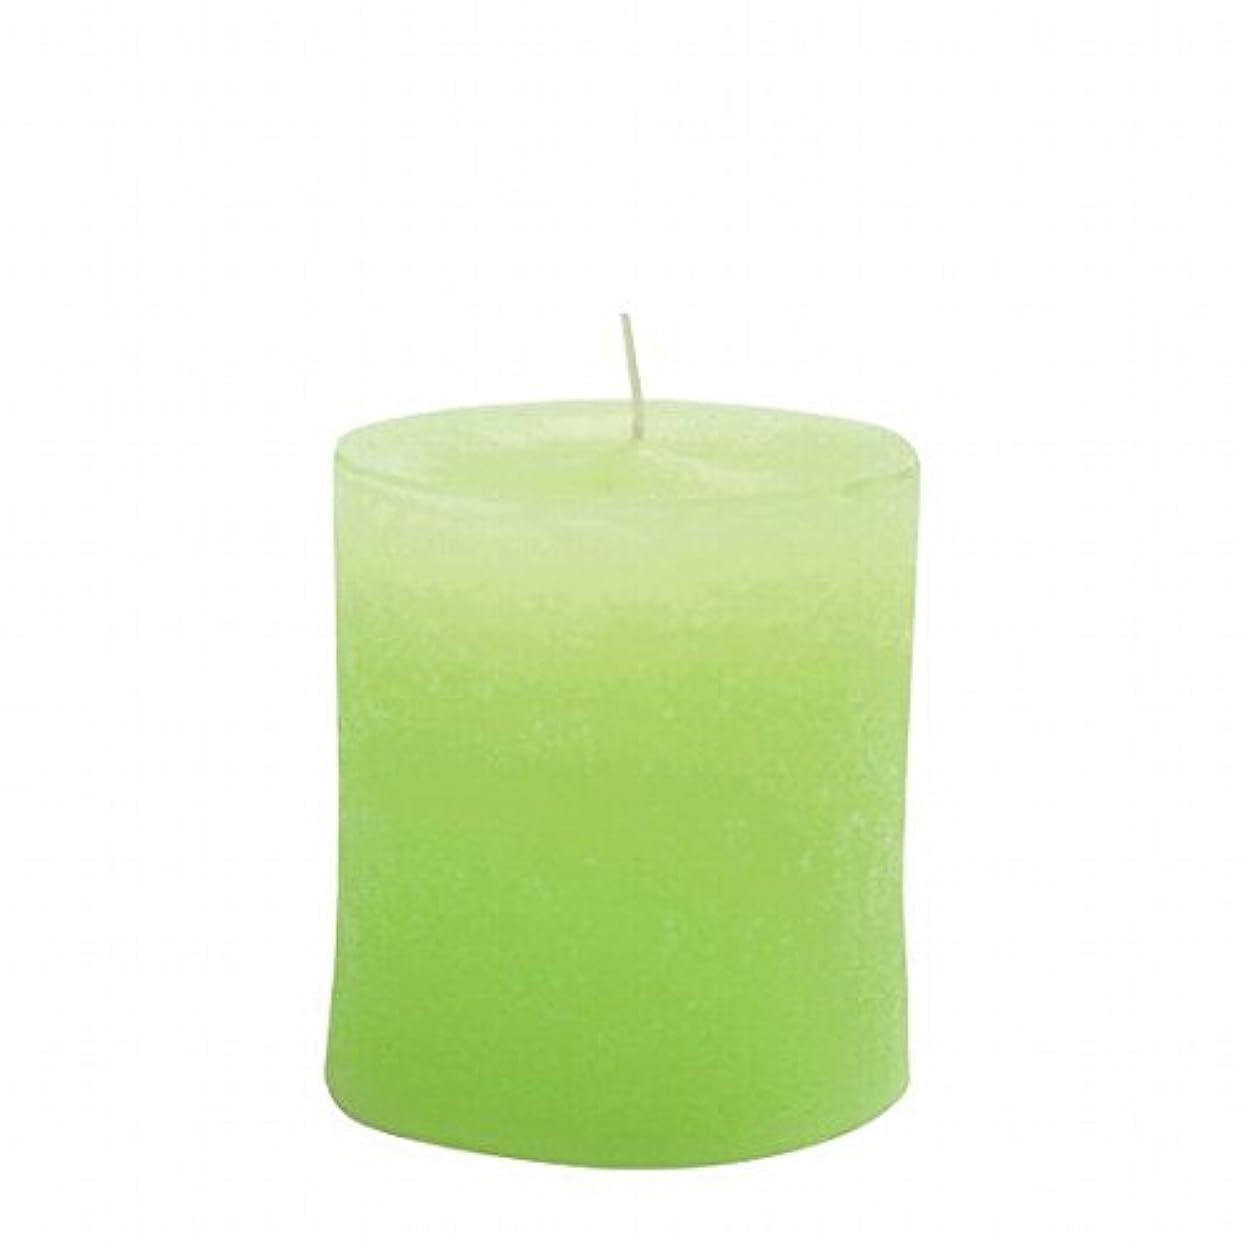 ウォルターカニンガムチケットデータベースカメヤマキャンドル( kameyama candle ) ラスティクピラー70×75 「 ライトグリーン 」